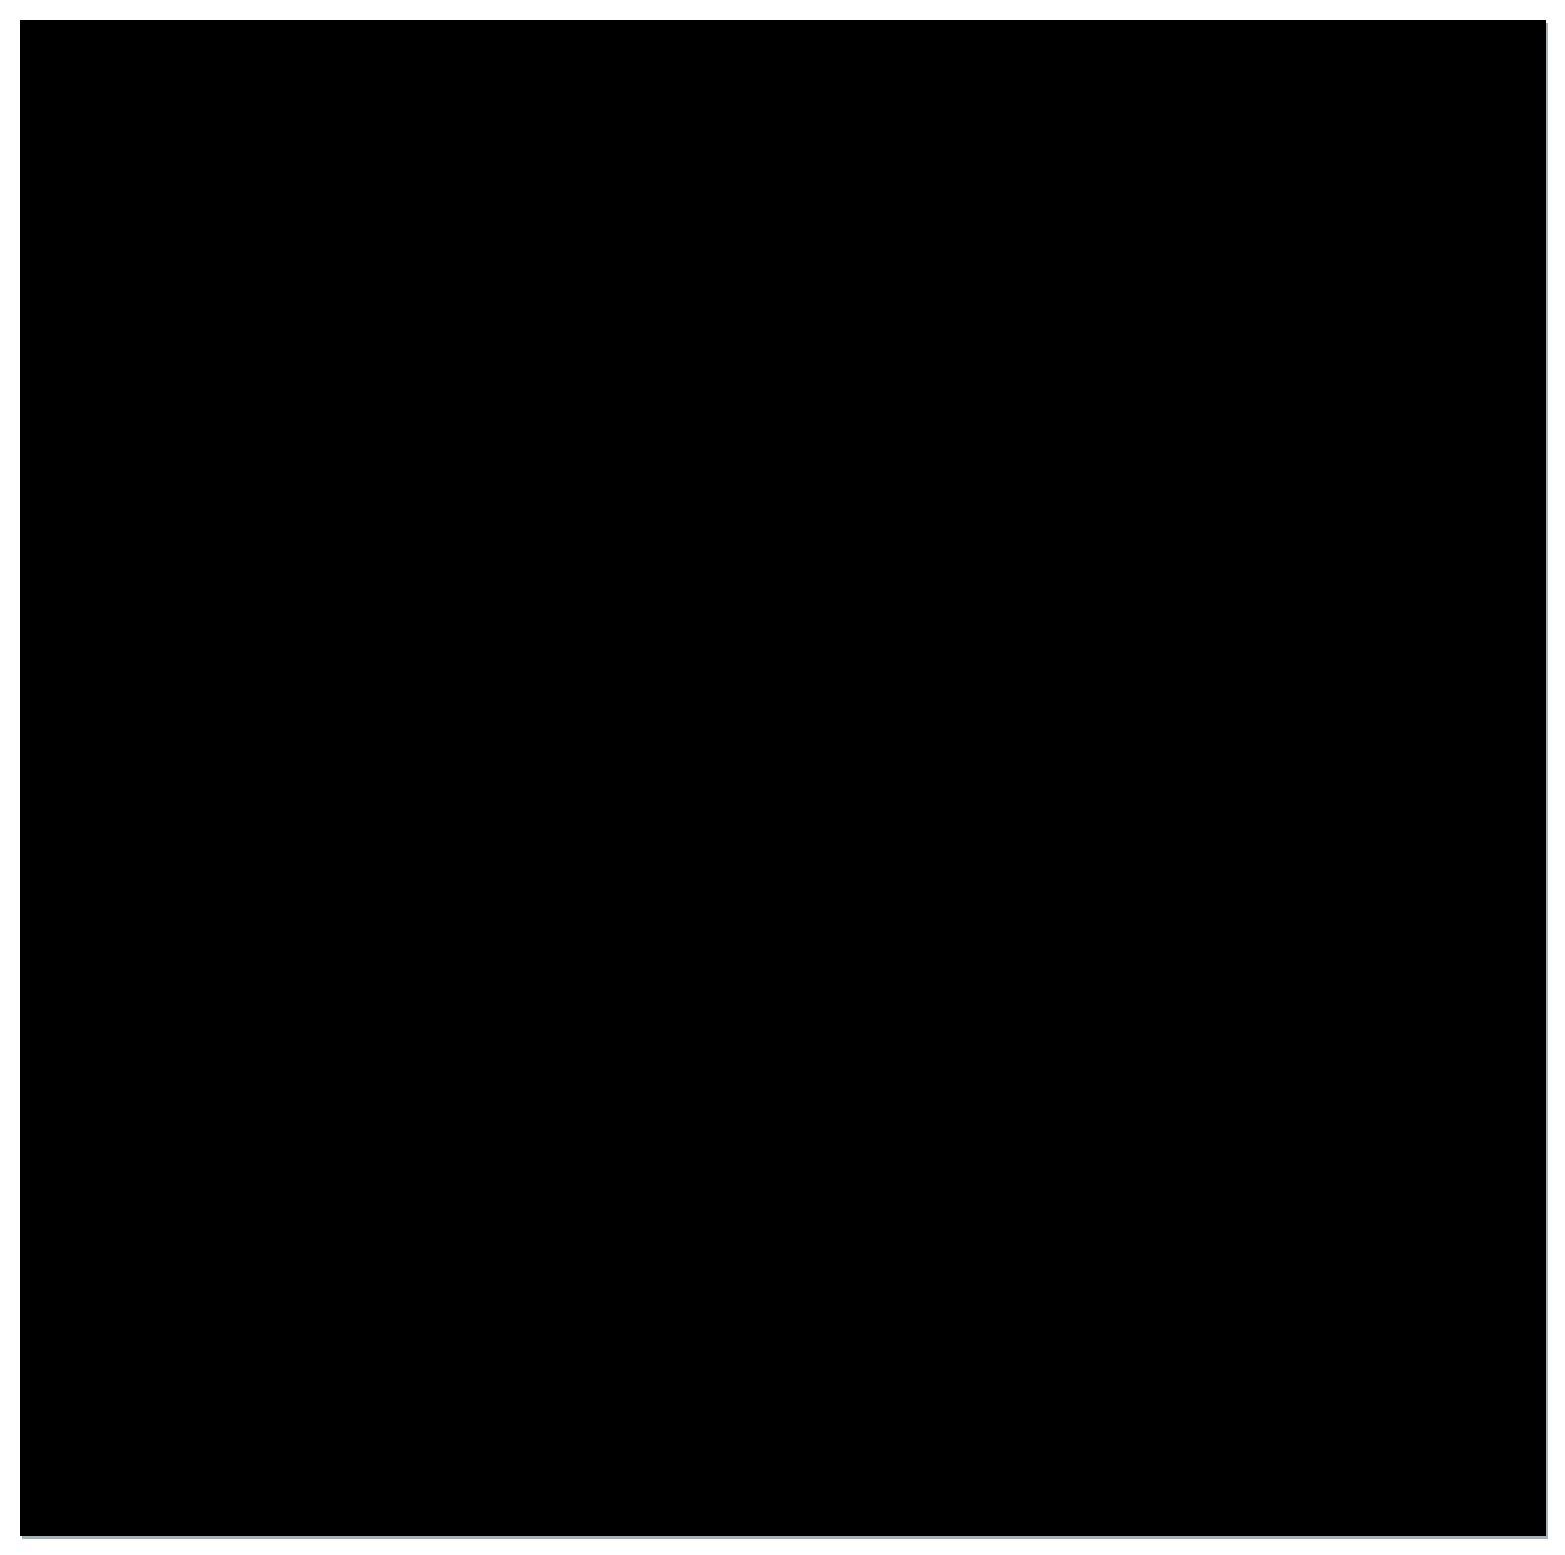 полностью черная картинка для авы сочи самом разгаре